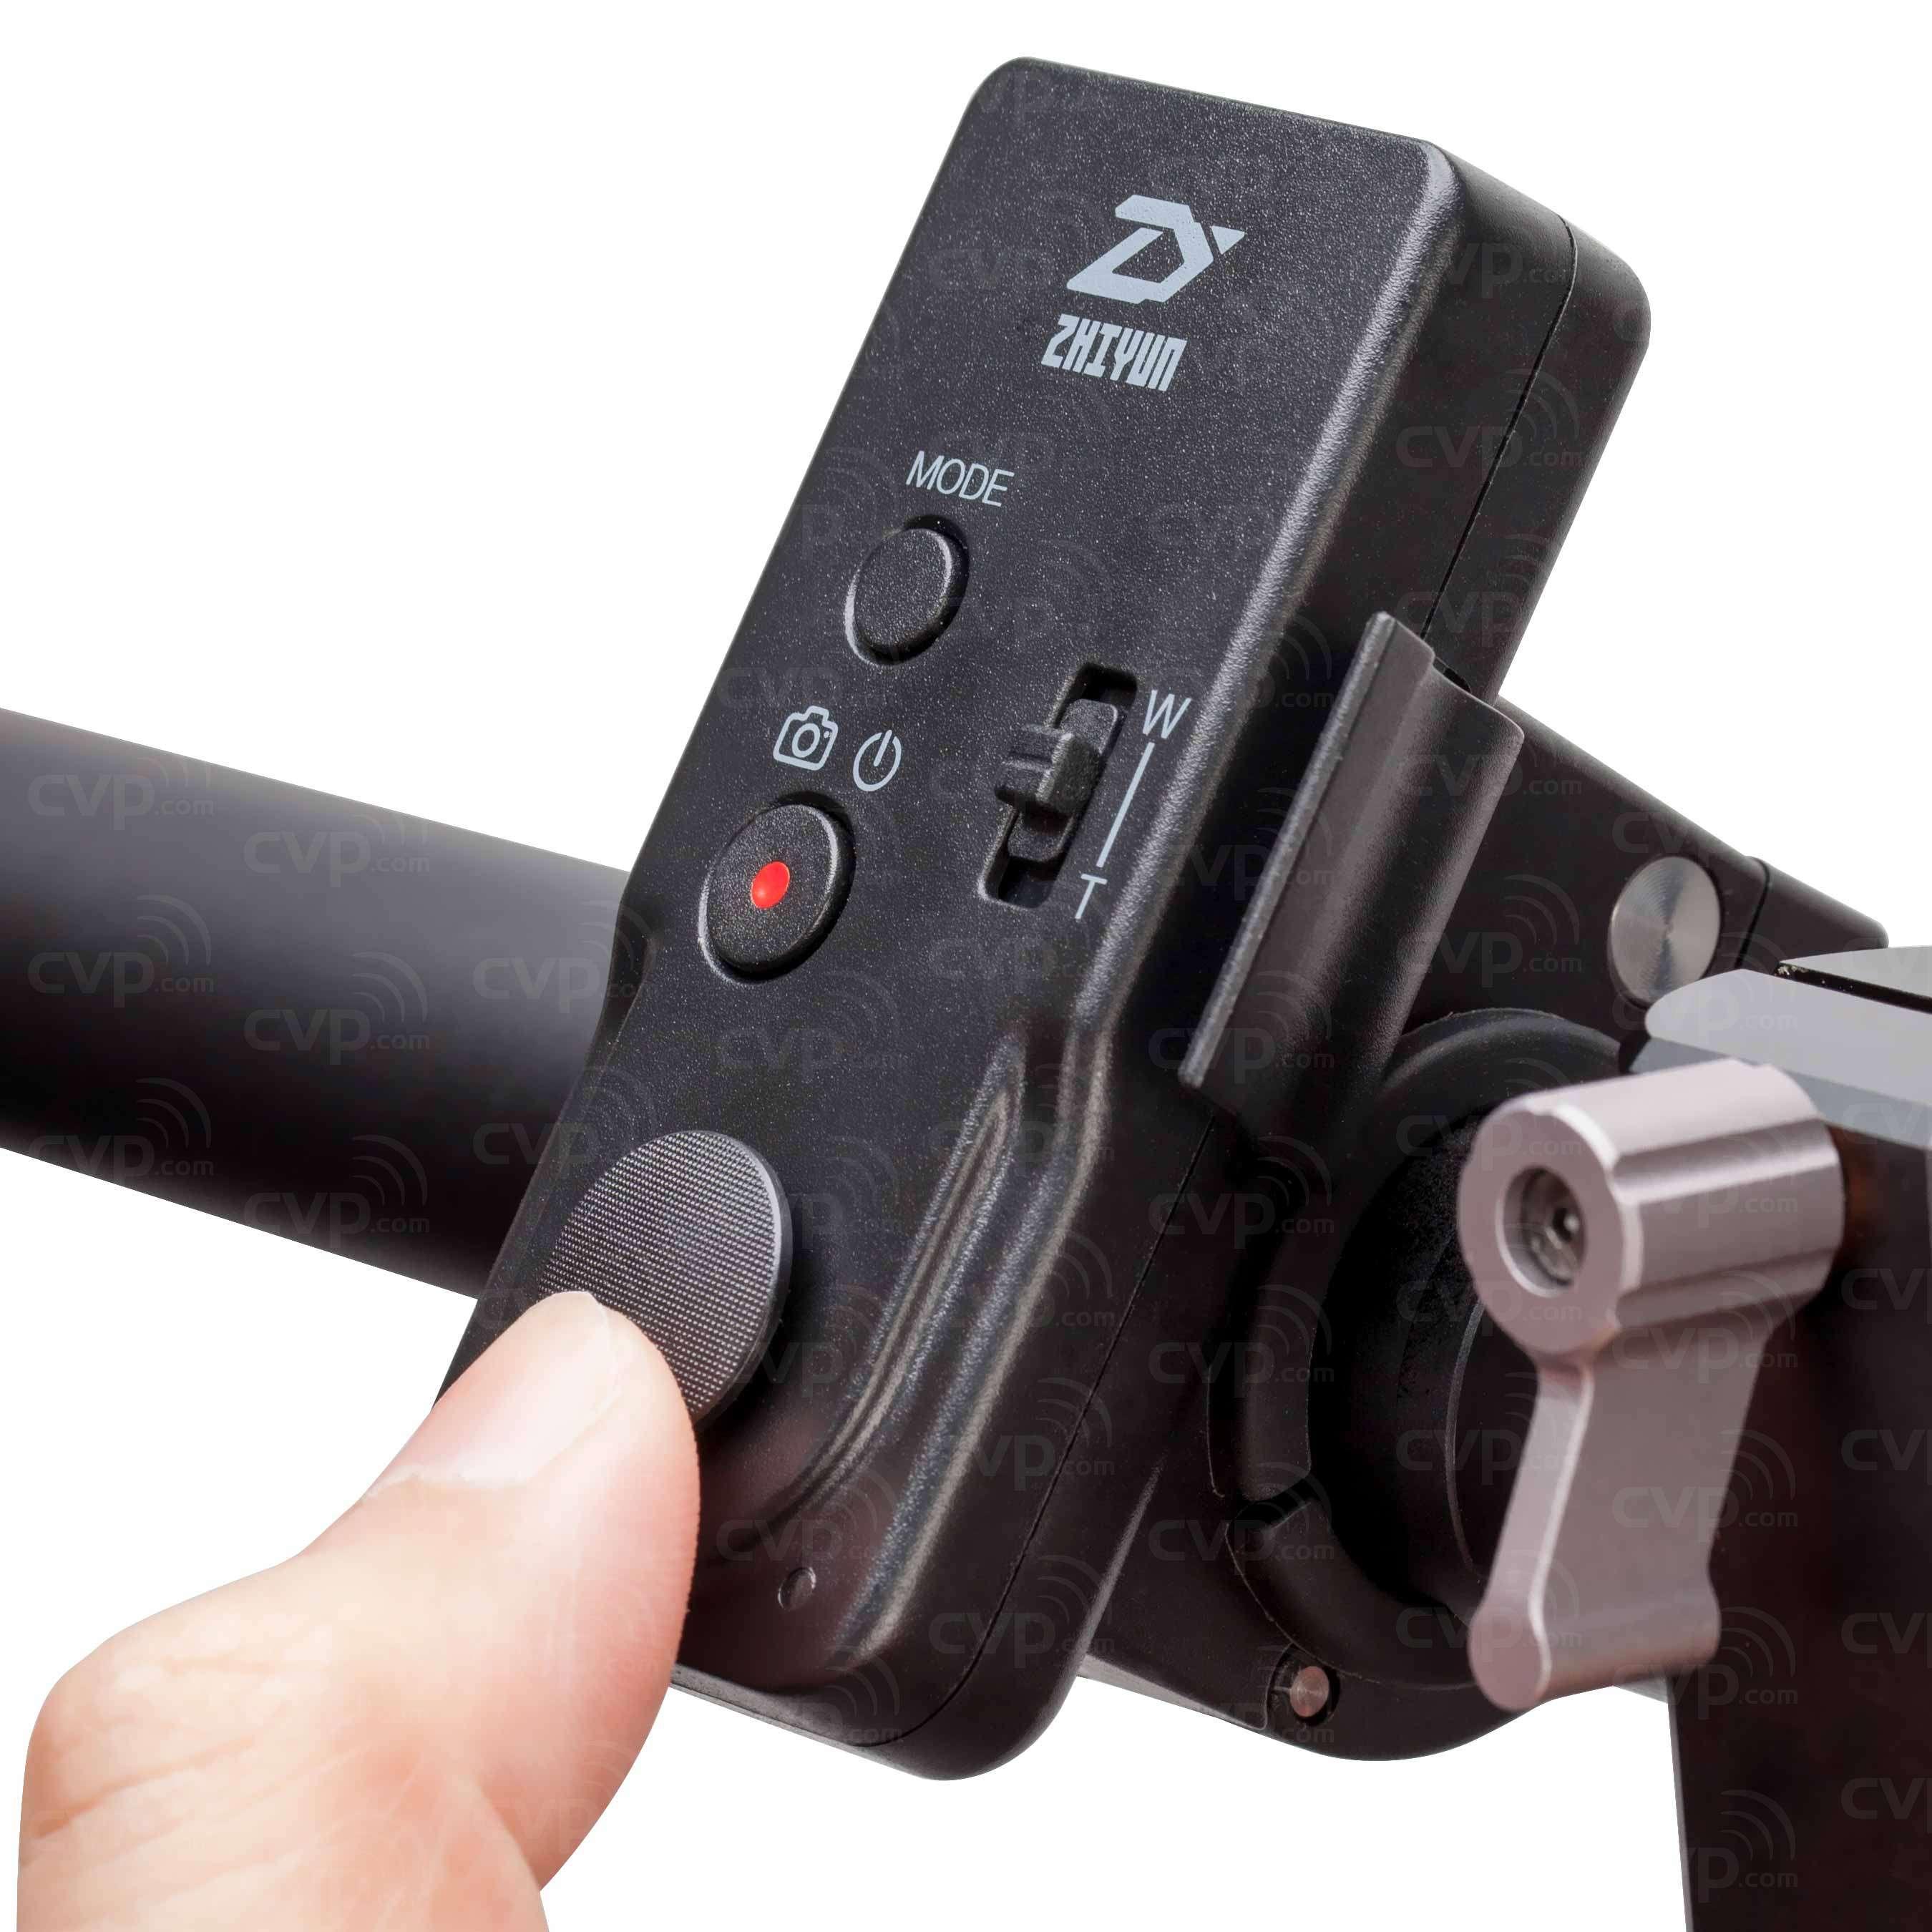 Zhiyun ZW-B02 Wireless Remote